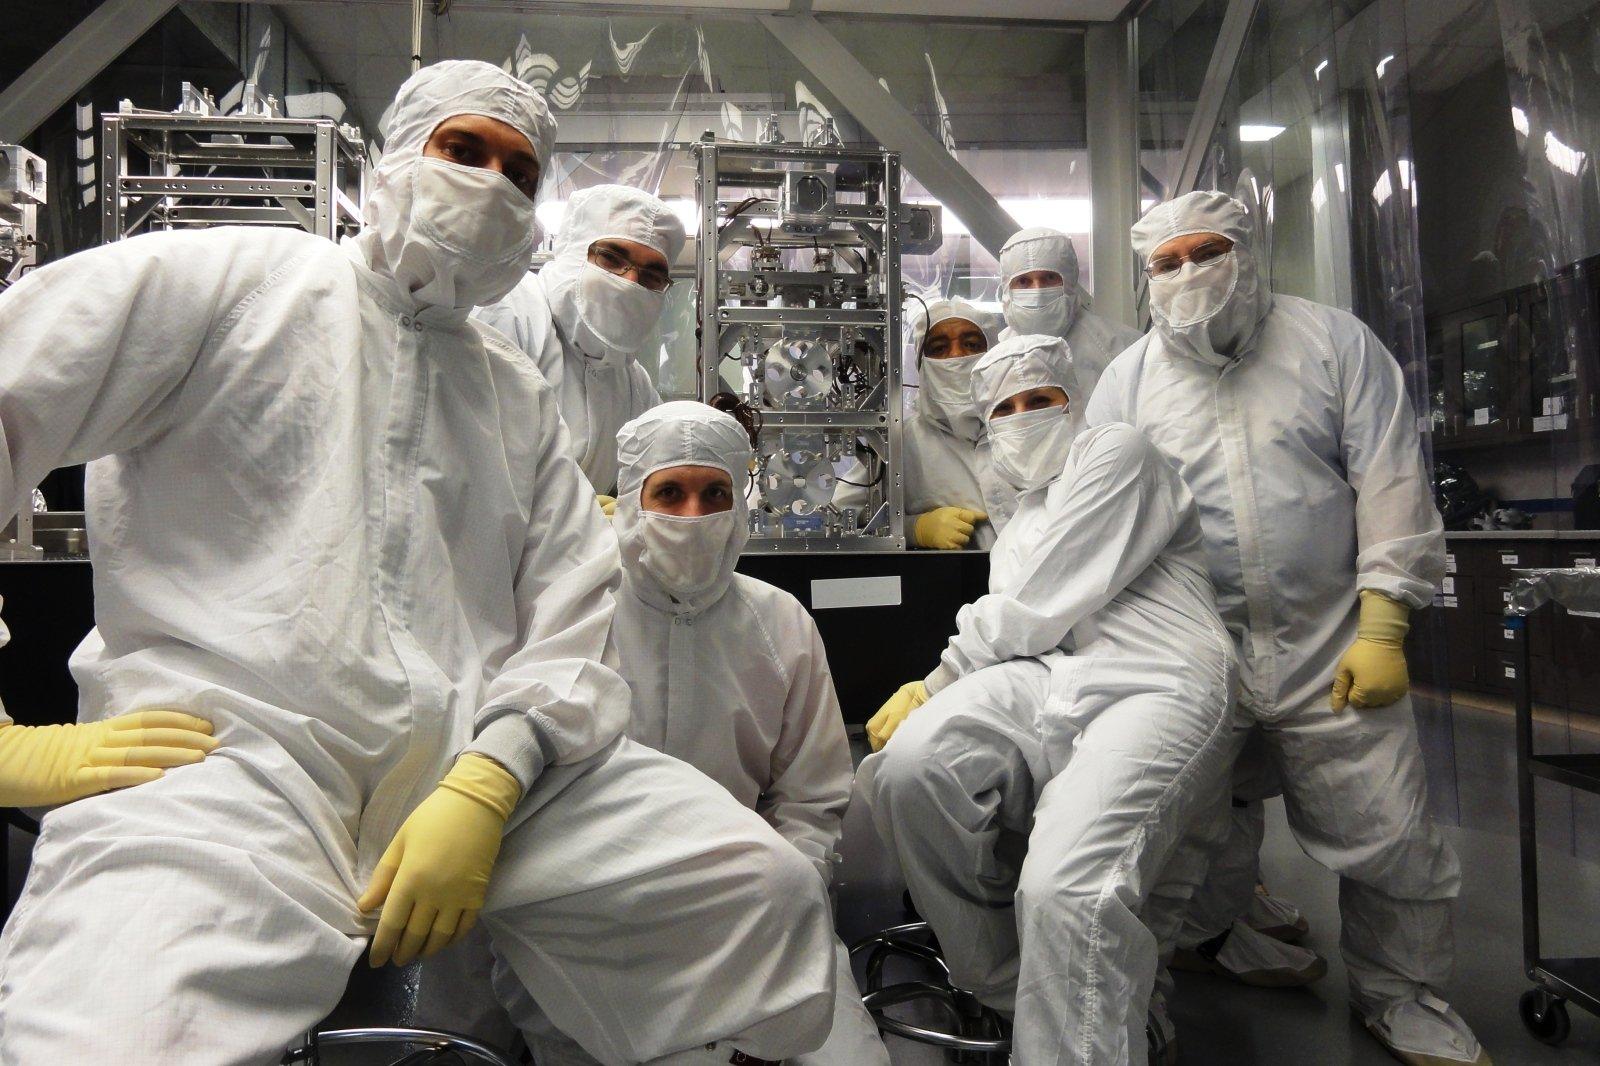 Some of the LIGO installation team